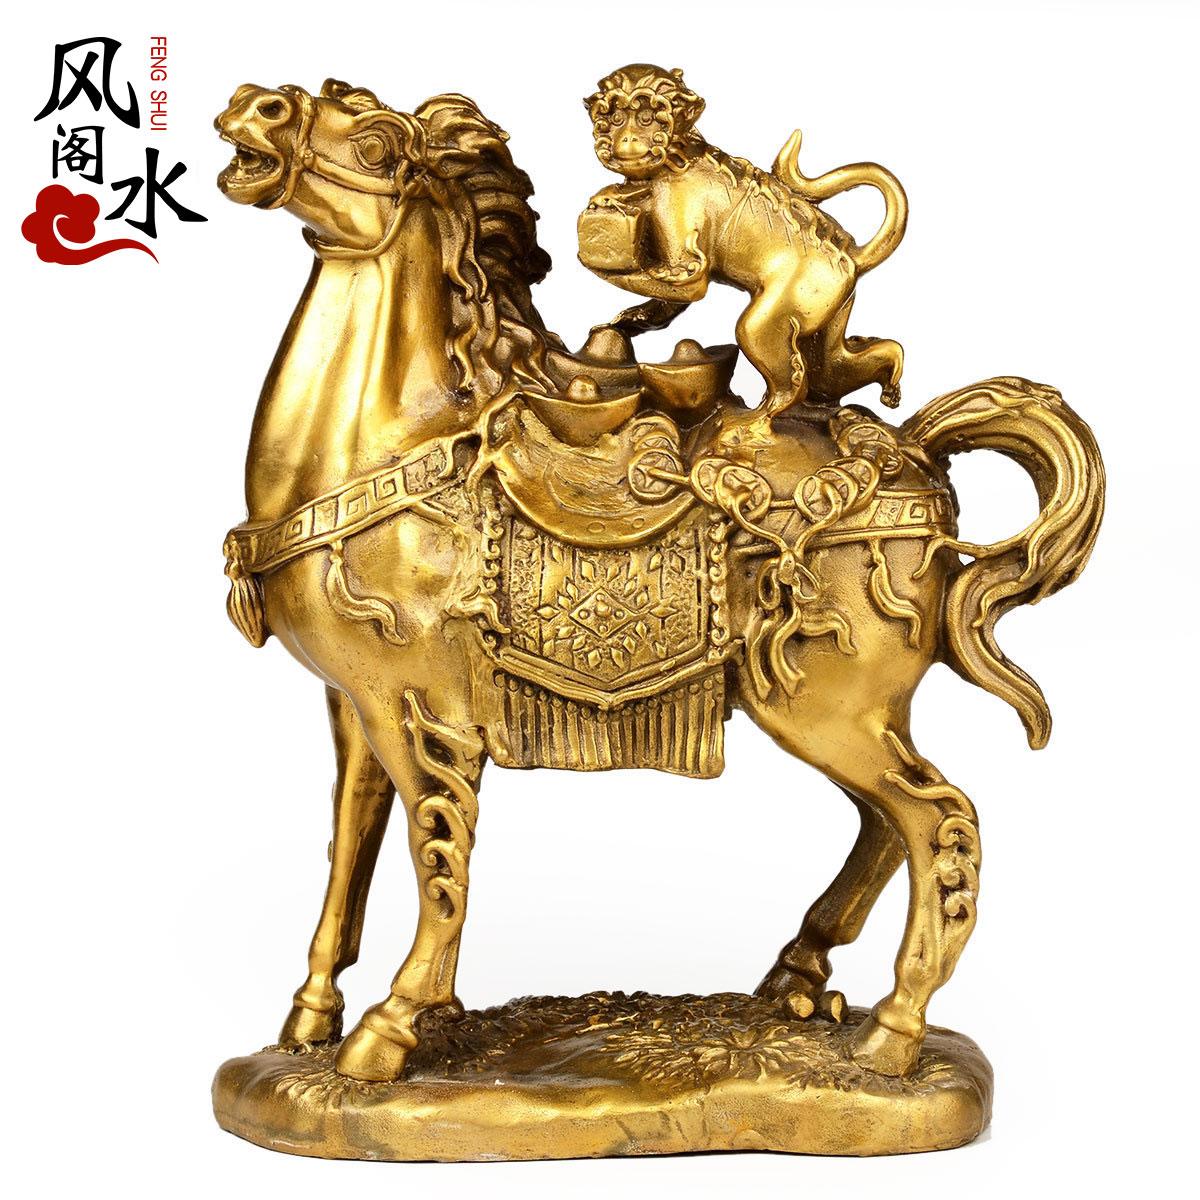 风水阁 铜马摆件马上封侯猴有钱赢办公室桌纯铜工艺品家居摆件